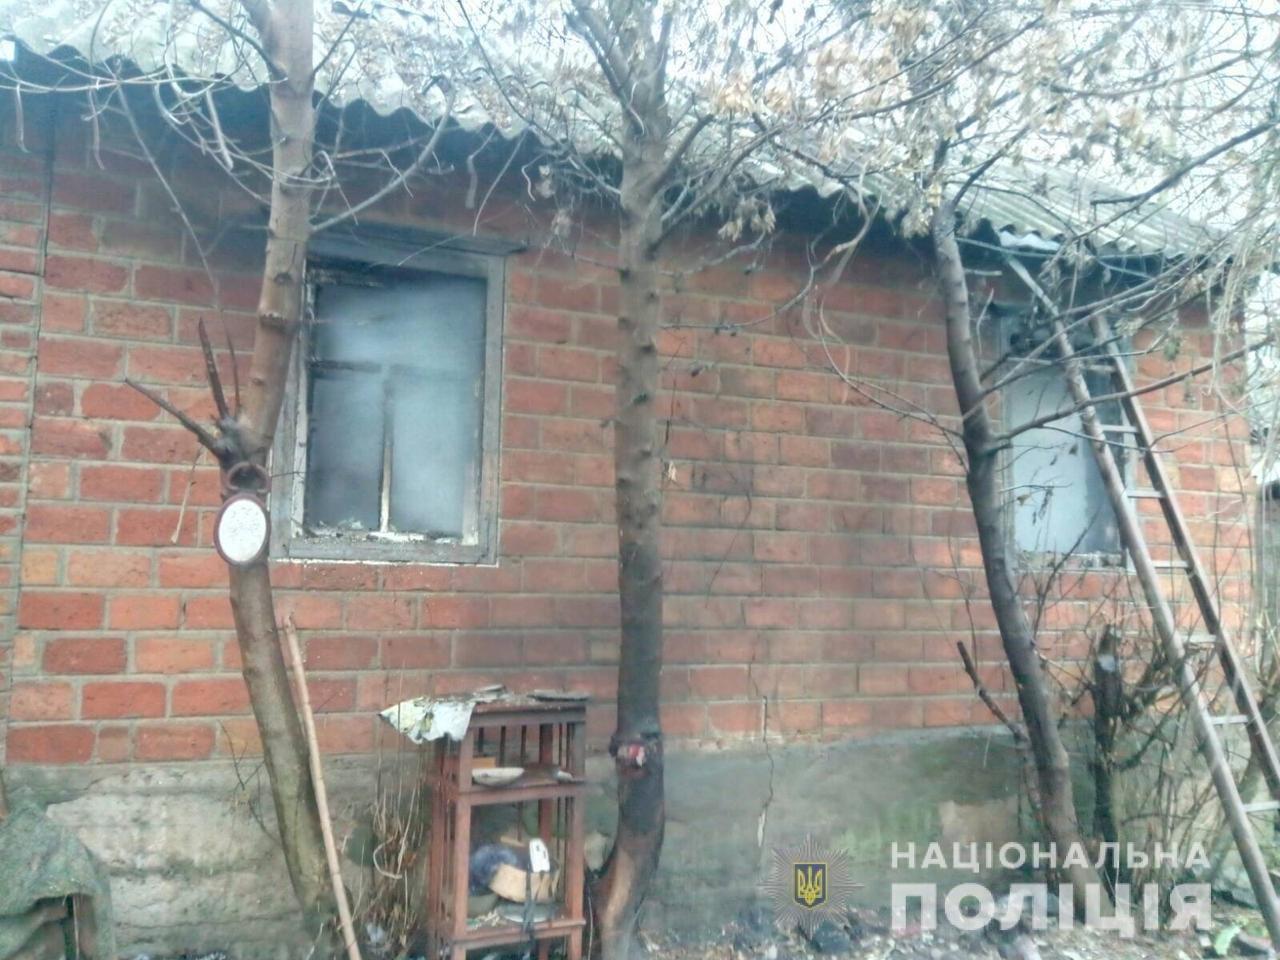 На Харьковщине загорелся частный дом: спасатели нашли труп погибшего мужчины, - ФОТО, фото-4